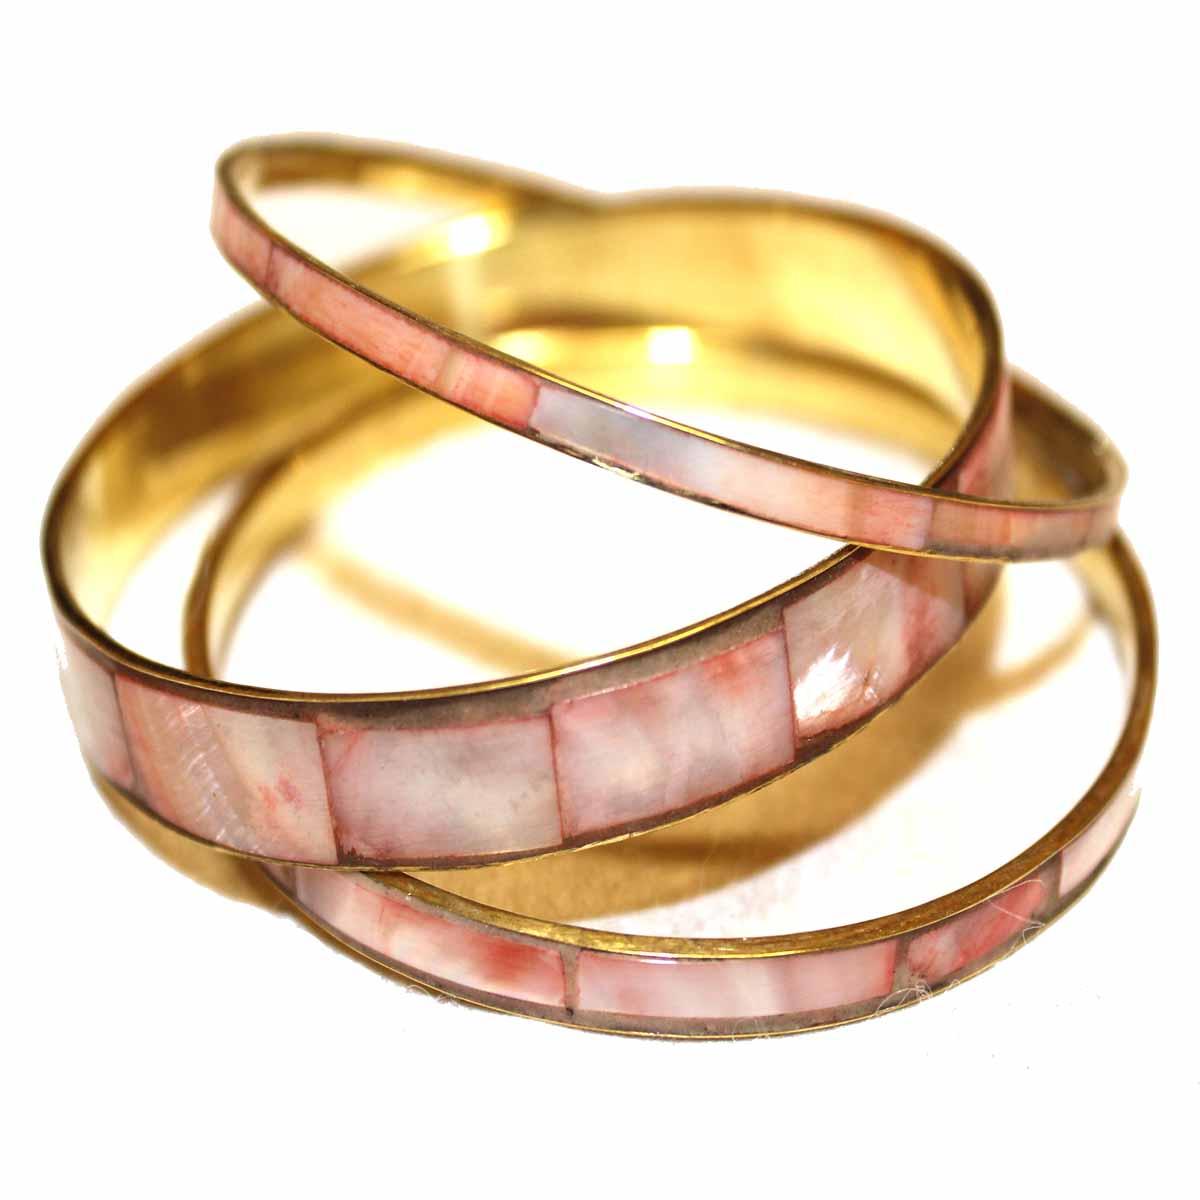 Браслет Ethnica, 3 шт. 097040097040_РозовыйСтильный браслет Ethnica выполнен из металла золотого цвета, на лицевой стороне браслет декорирован вставками розового цвета. В комплект входят 3 браслета разной ширины. Такие браслеты позволят вам с легкостью воплотить самую смелую фантазию и создать собственный, неповторимый образ.